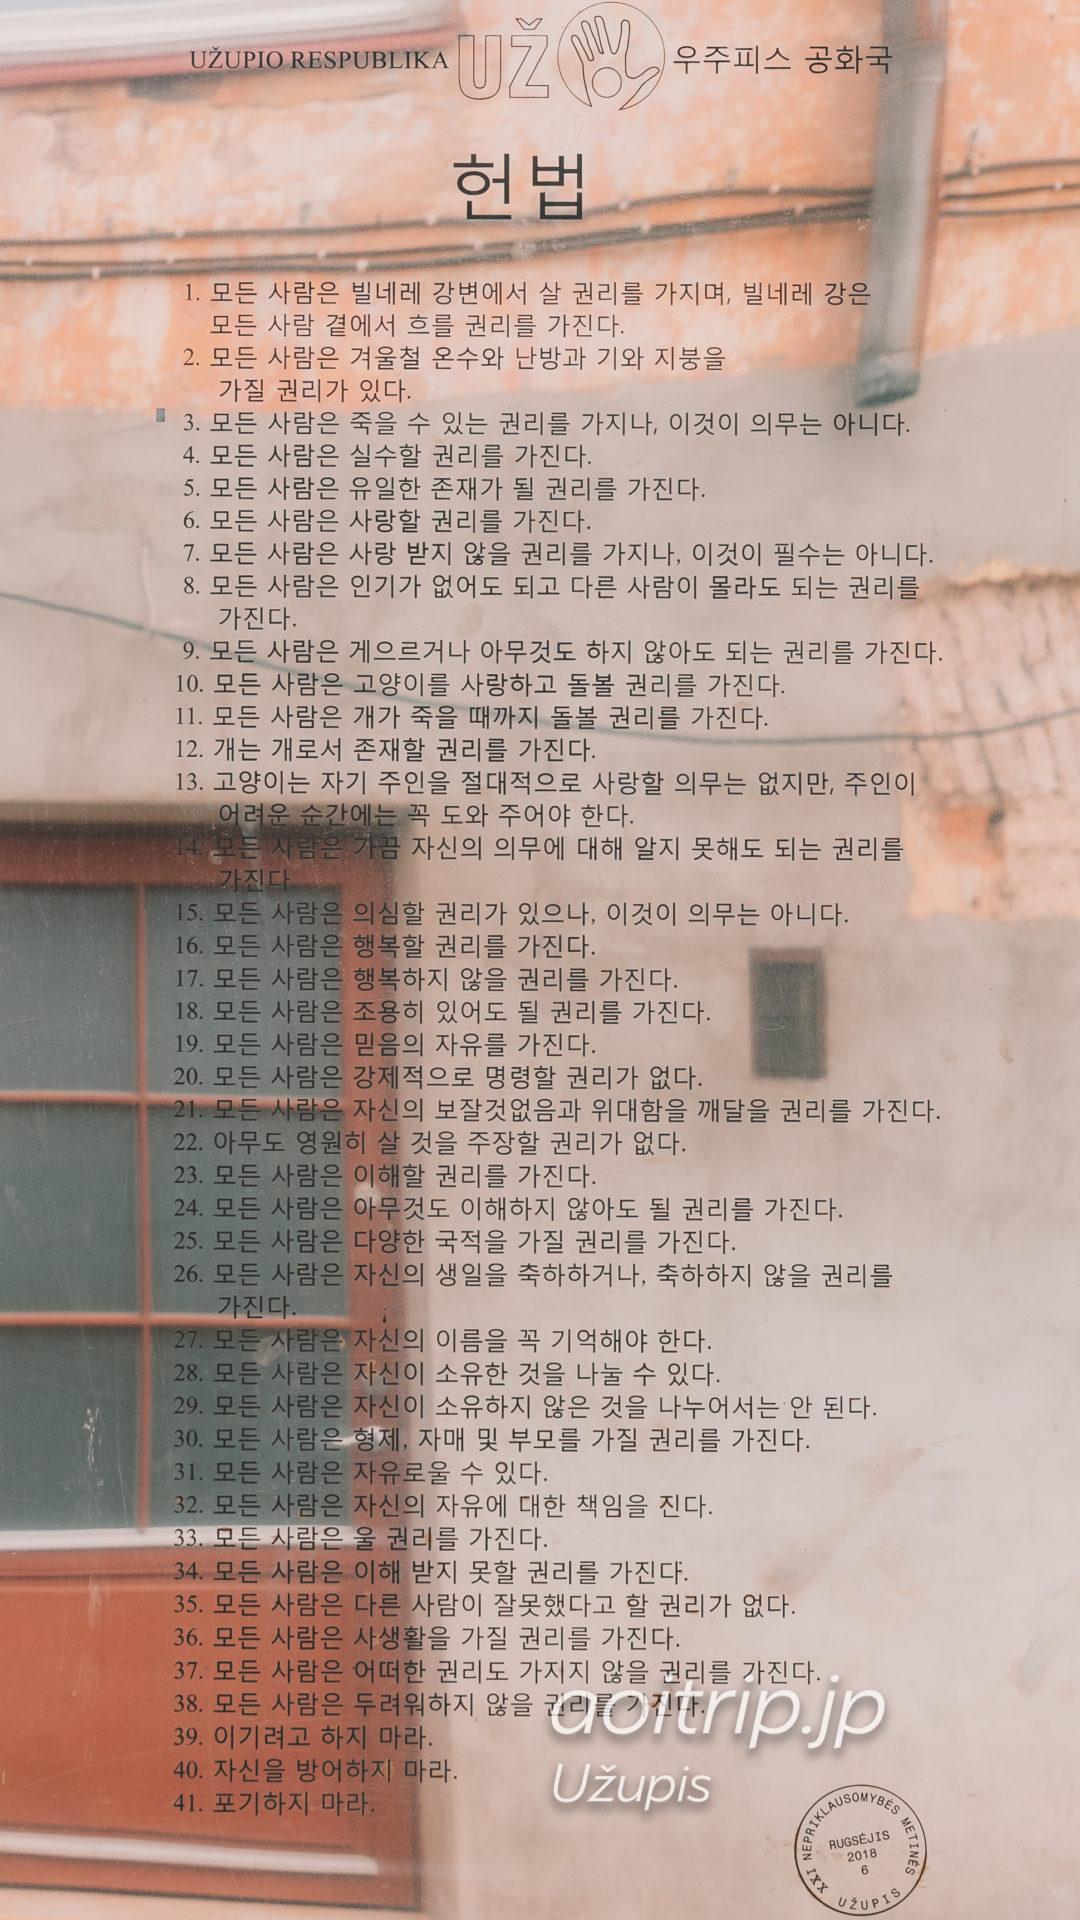 ウジュピス共和国憲法(韓国語)